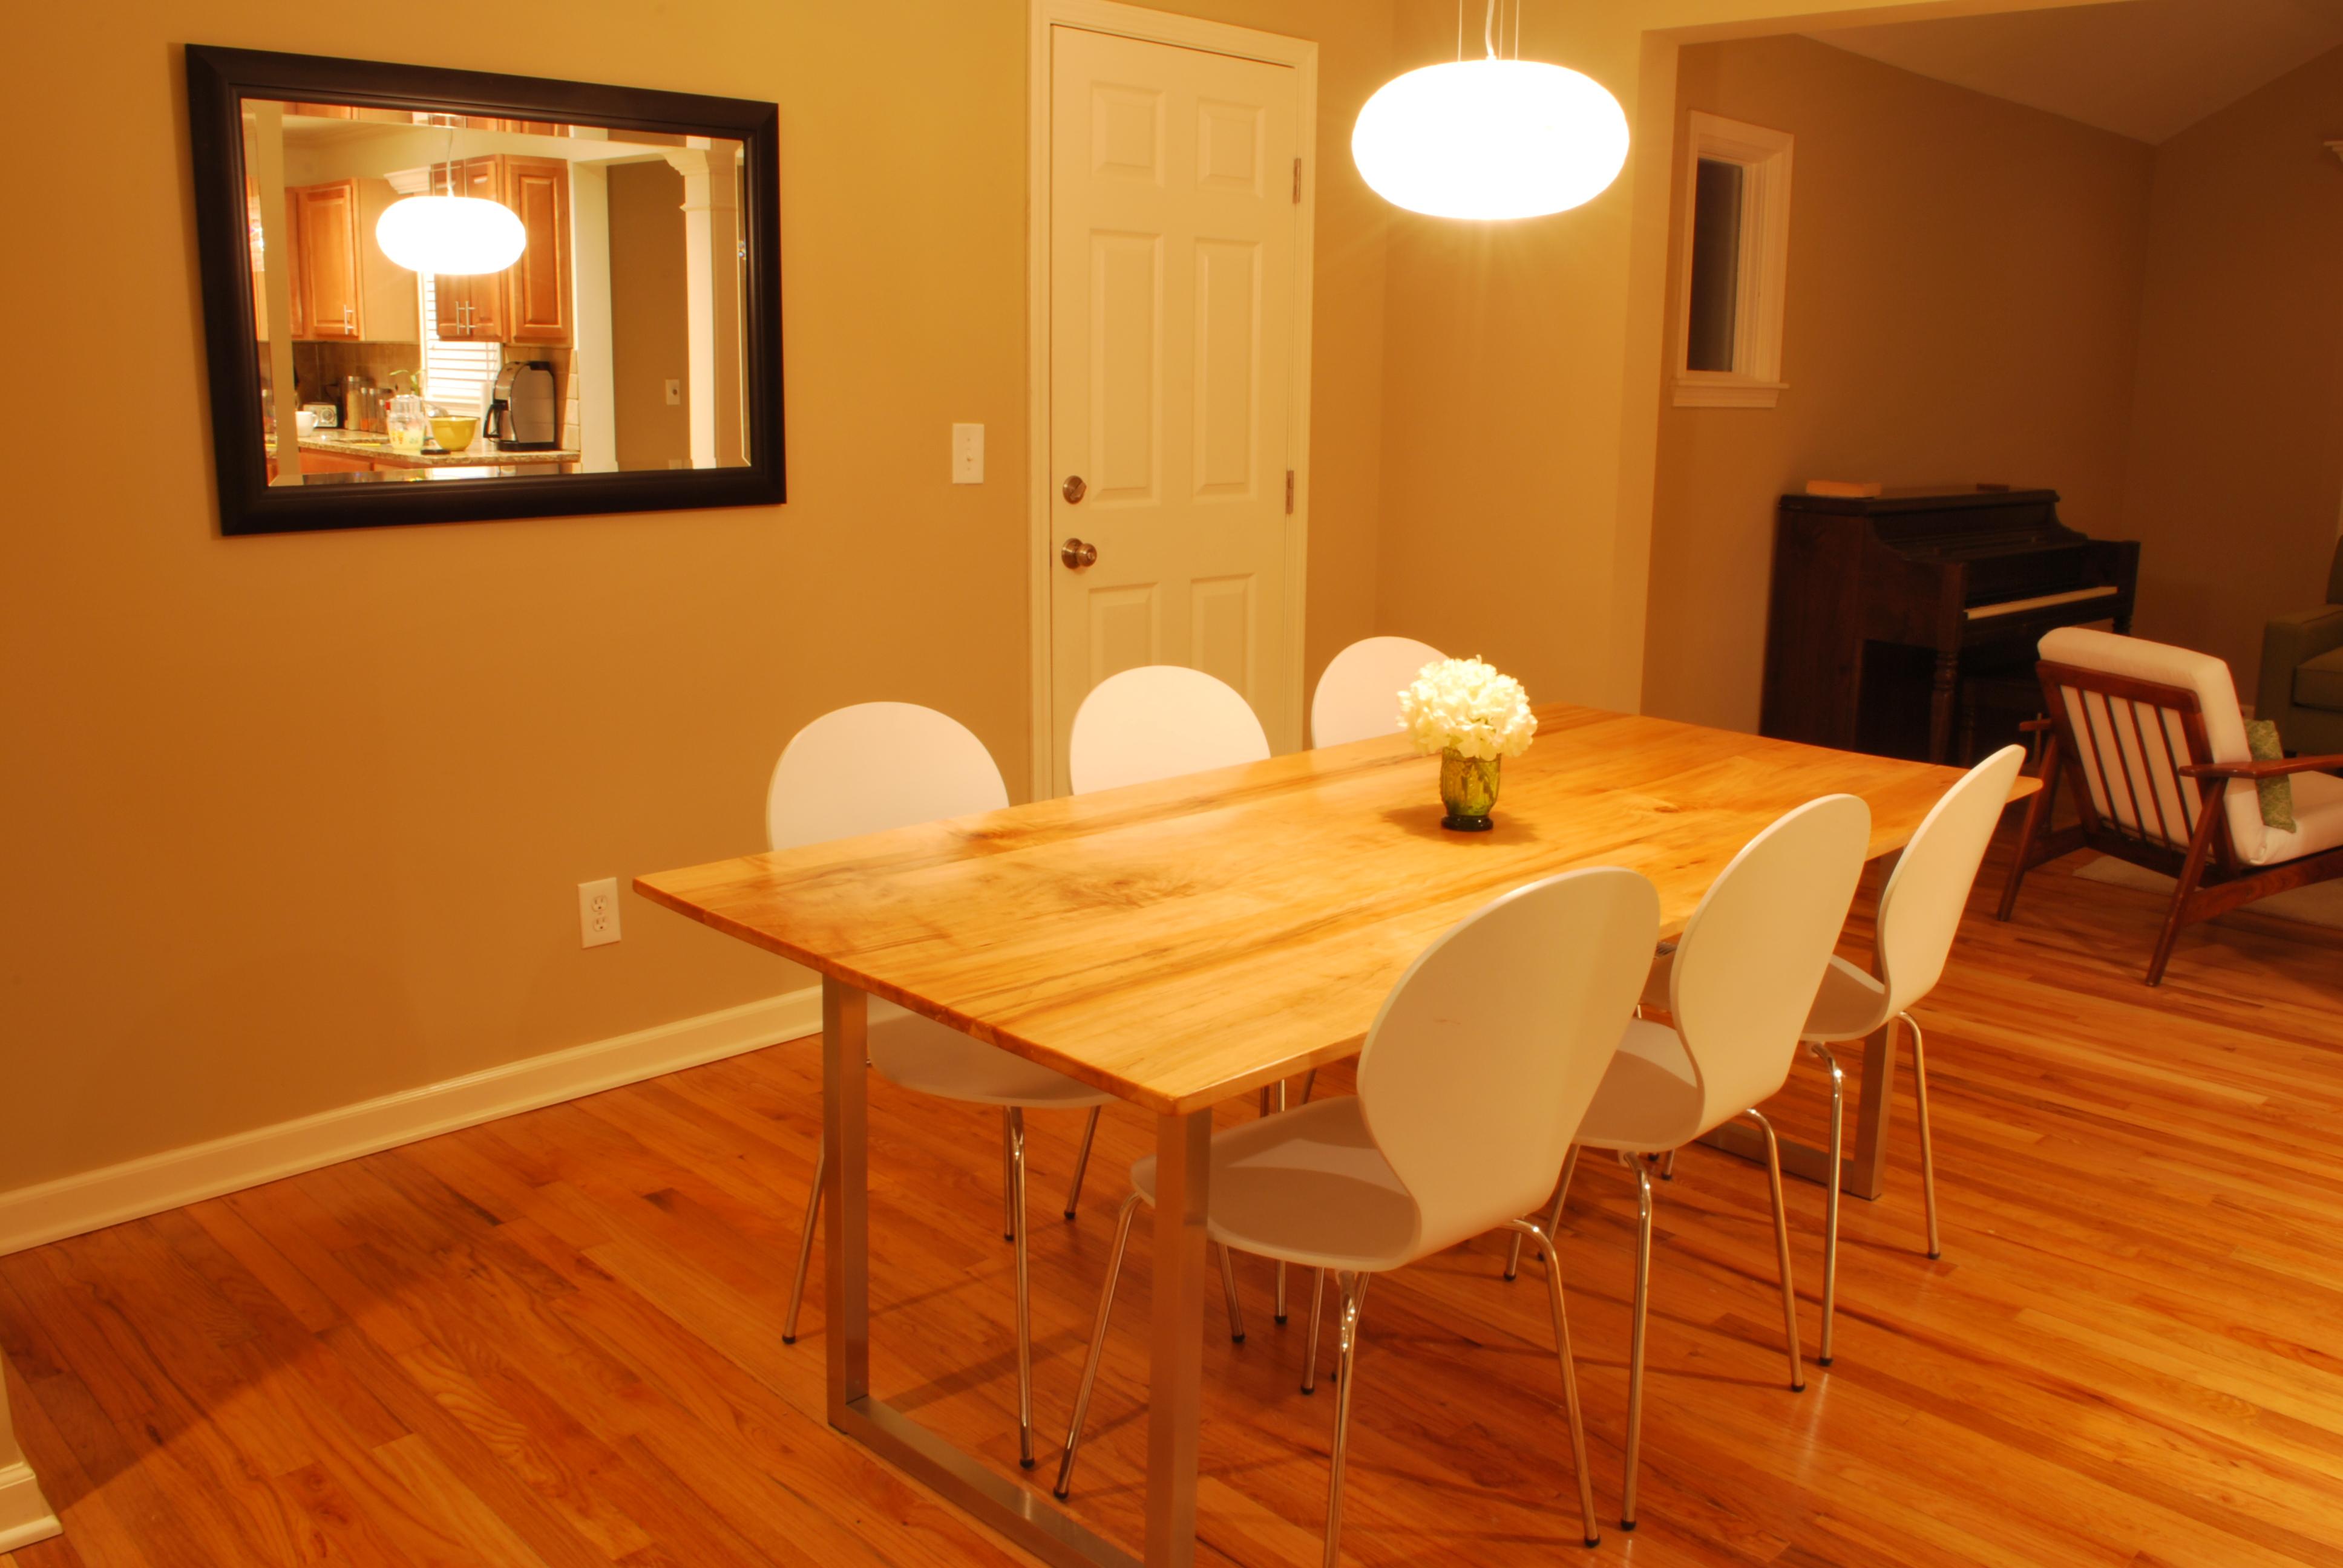 Diy Kitchen Banquette The Suburban Urbanist